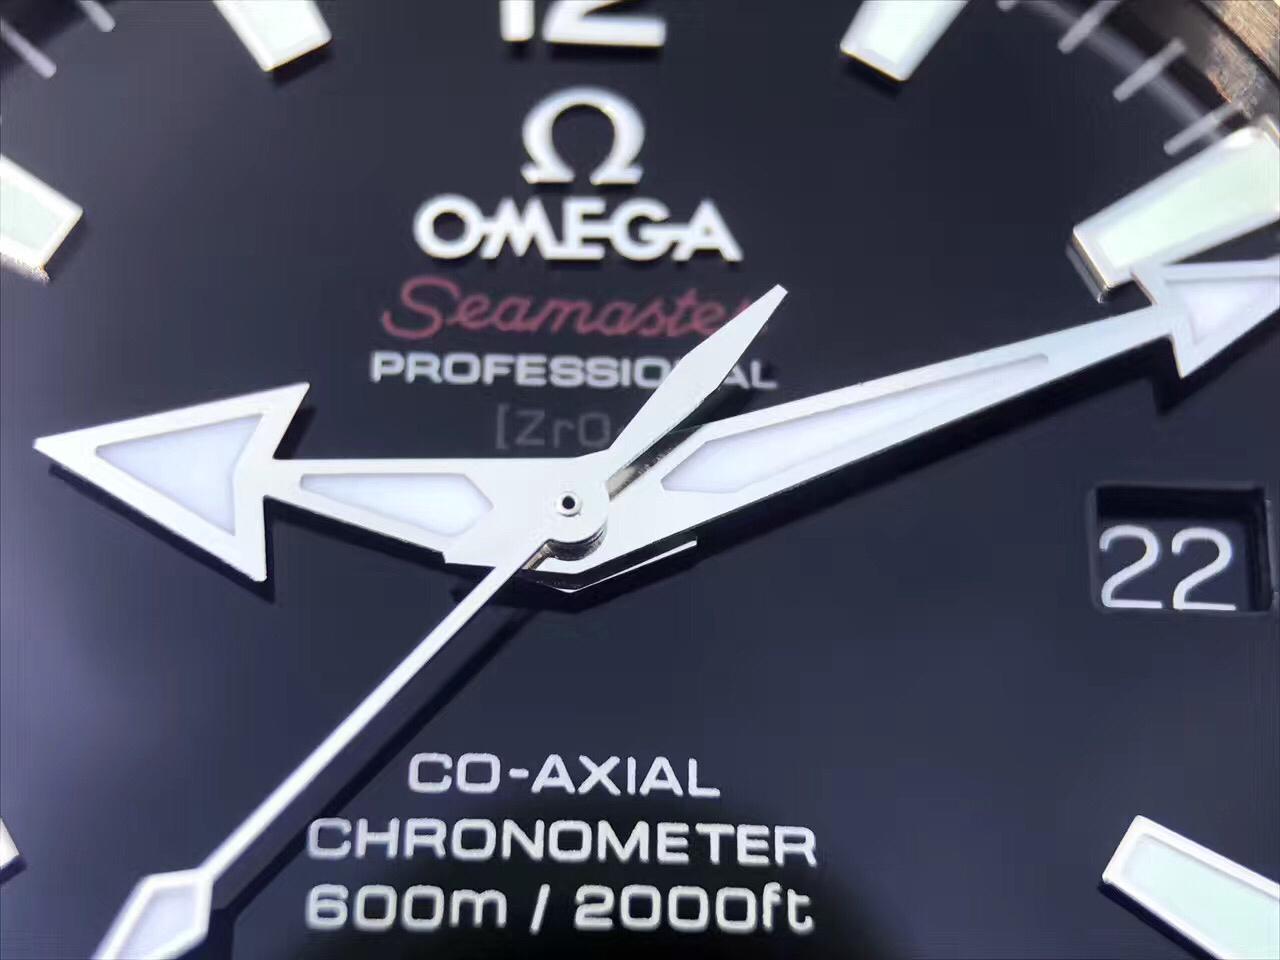 Omega Central Hands